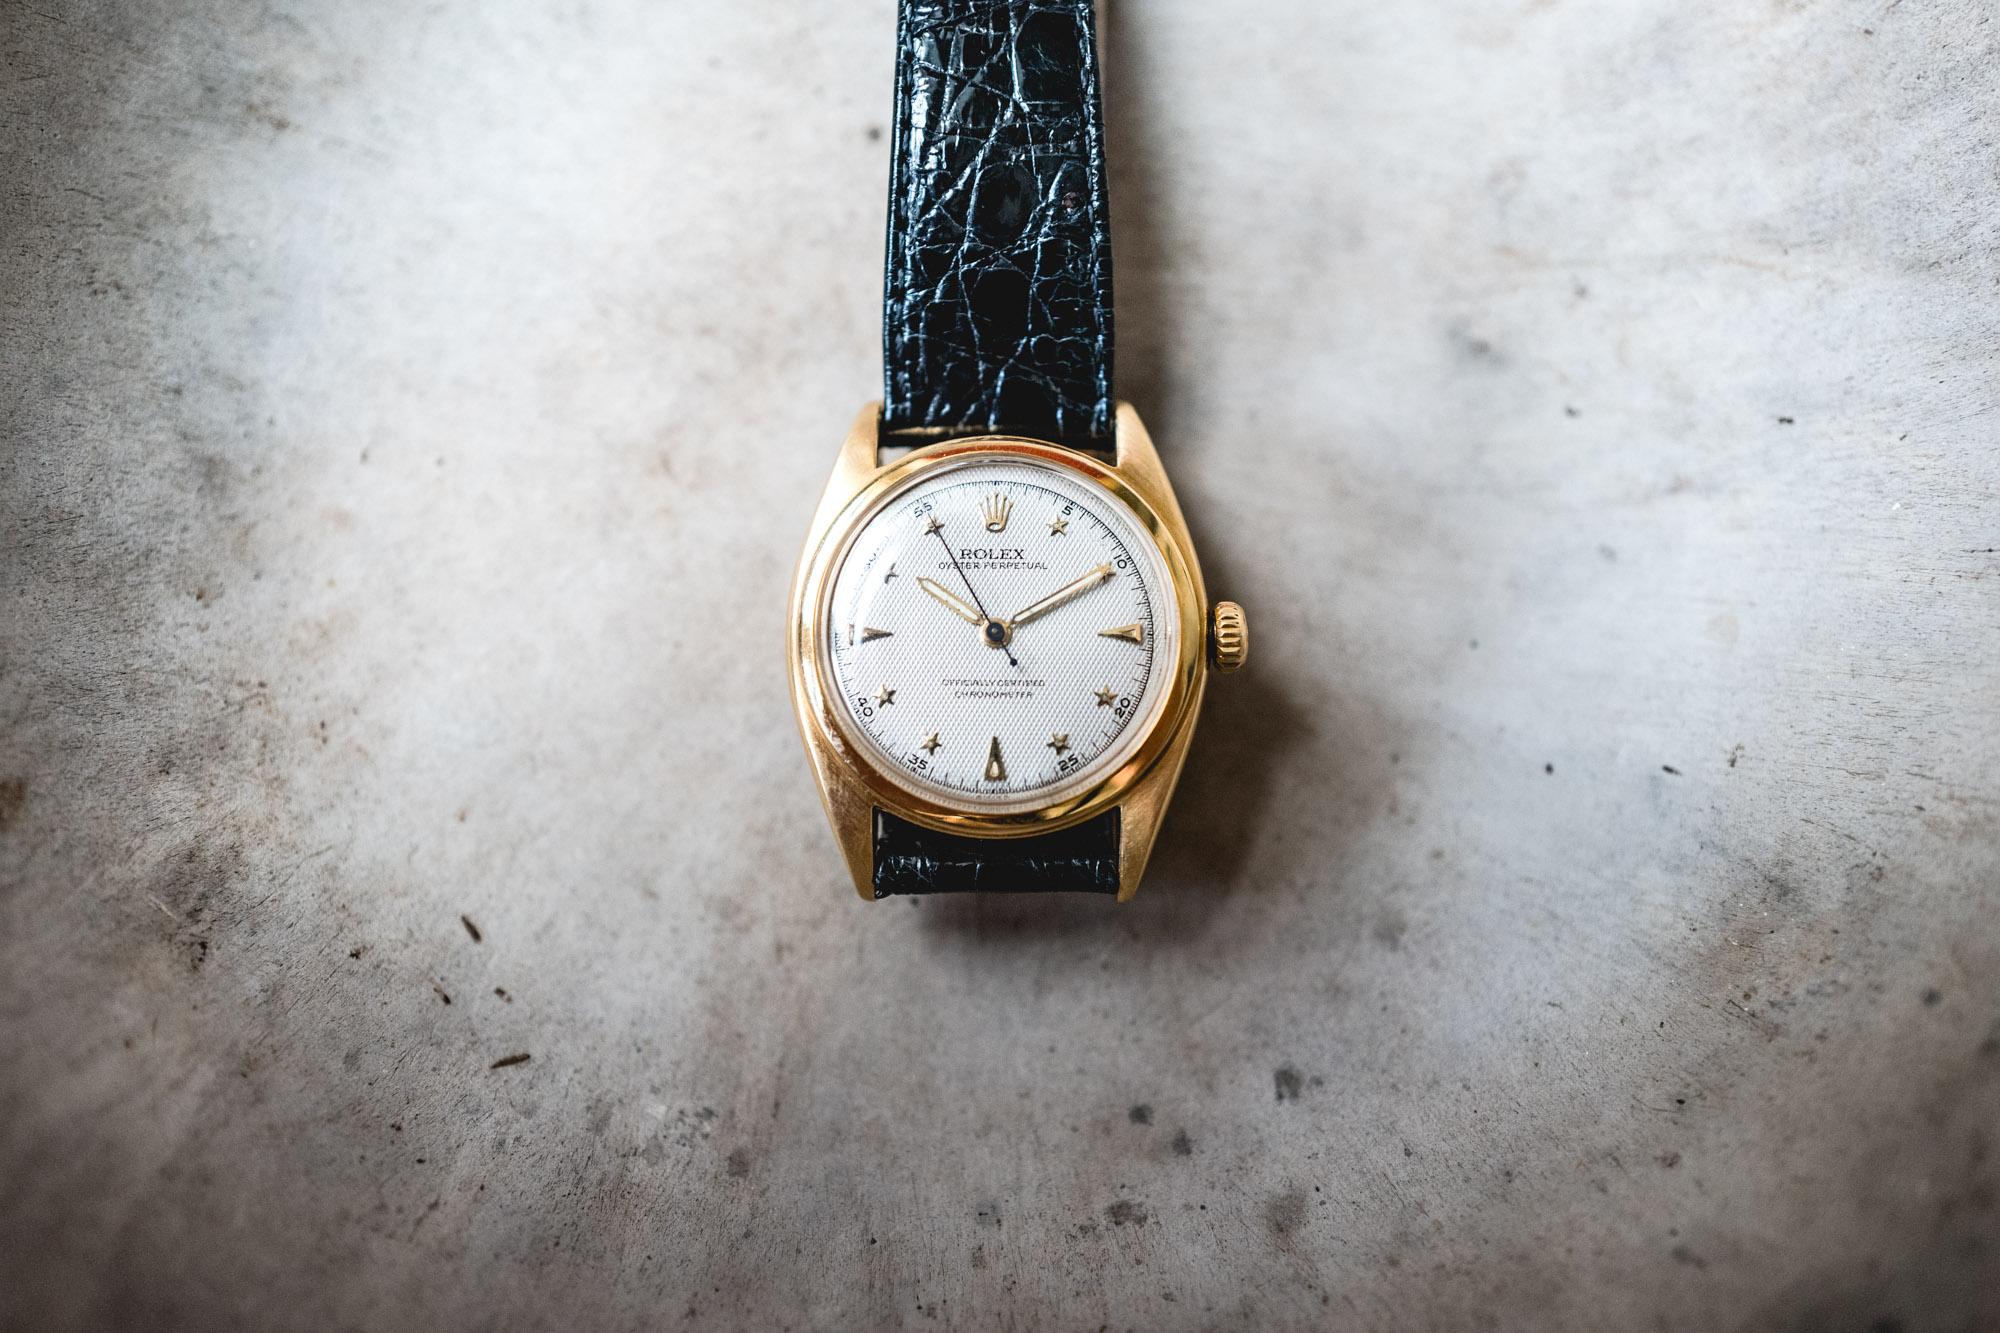 Tajan - Vente de montres du 11 décembre - Rolex Oyster Perpetual Ref. 6098